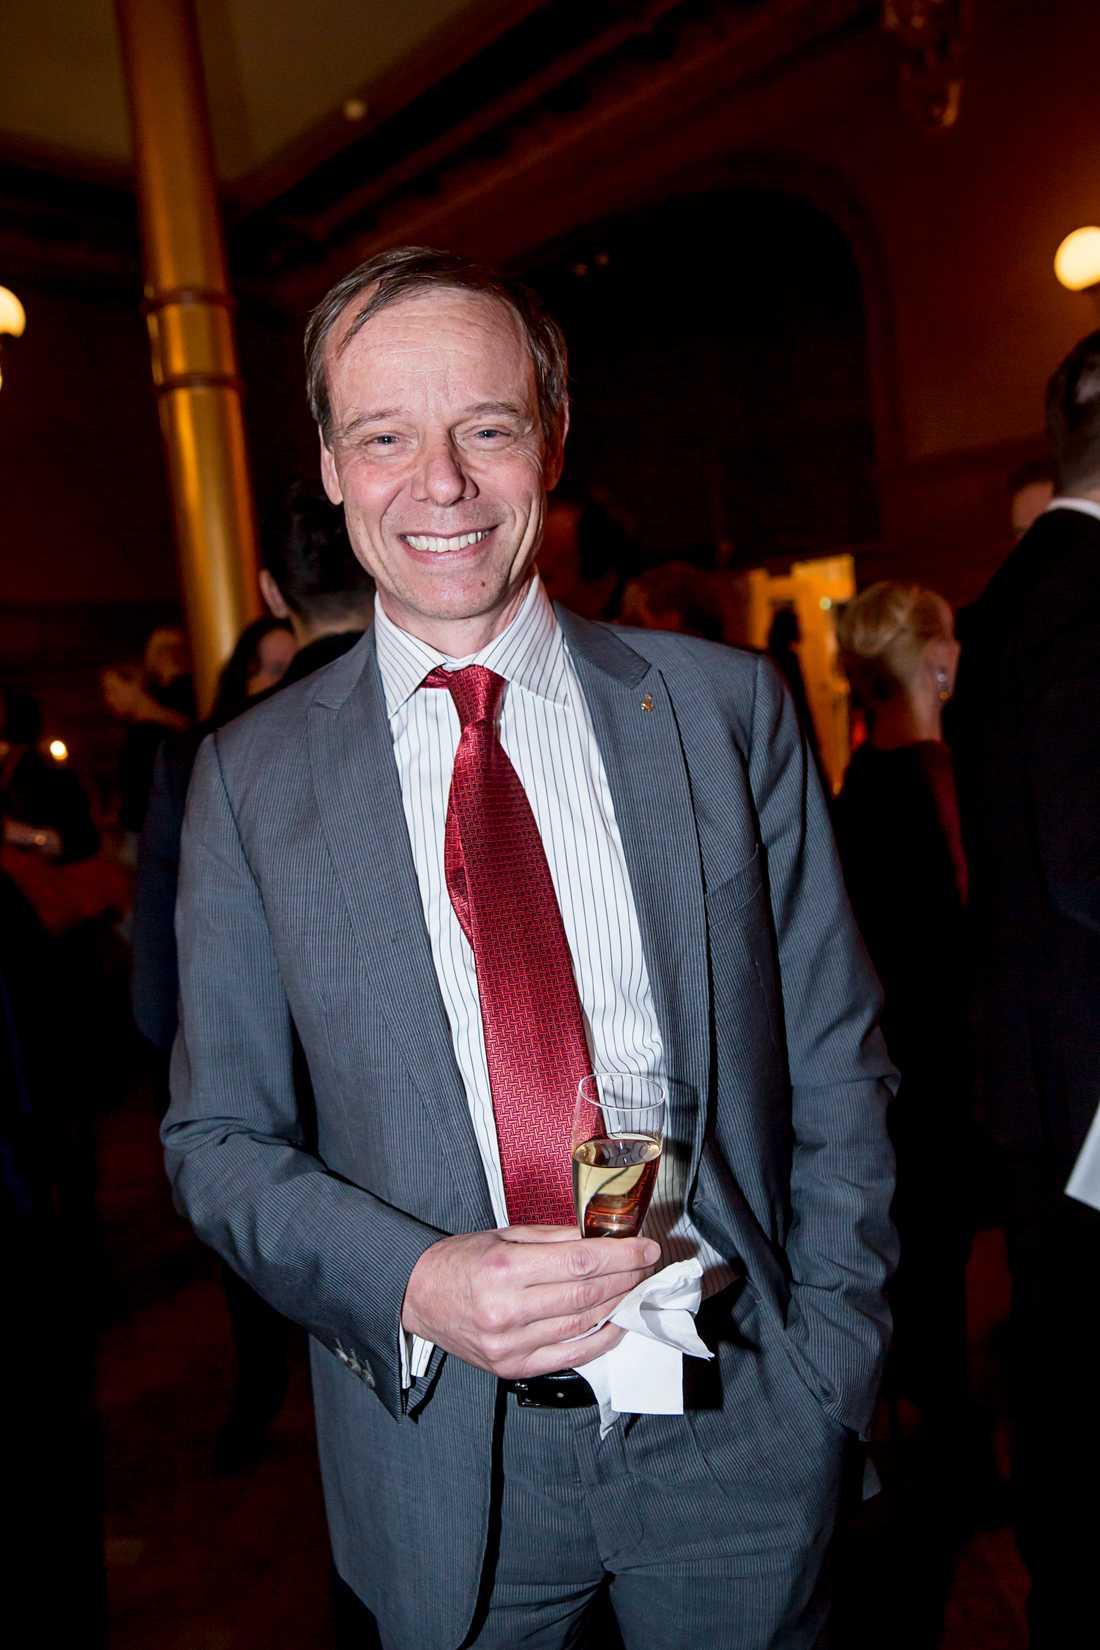 På Svenska hjältar-galan 2015. Christer Fuglesang har tidigare även suttit i juryn.